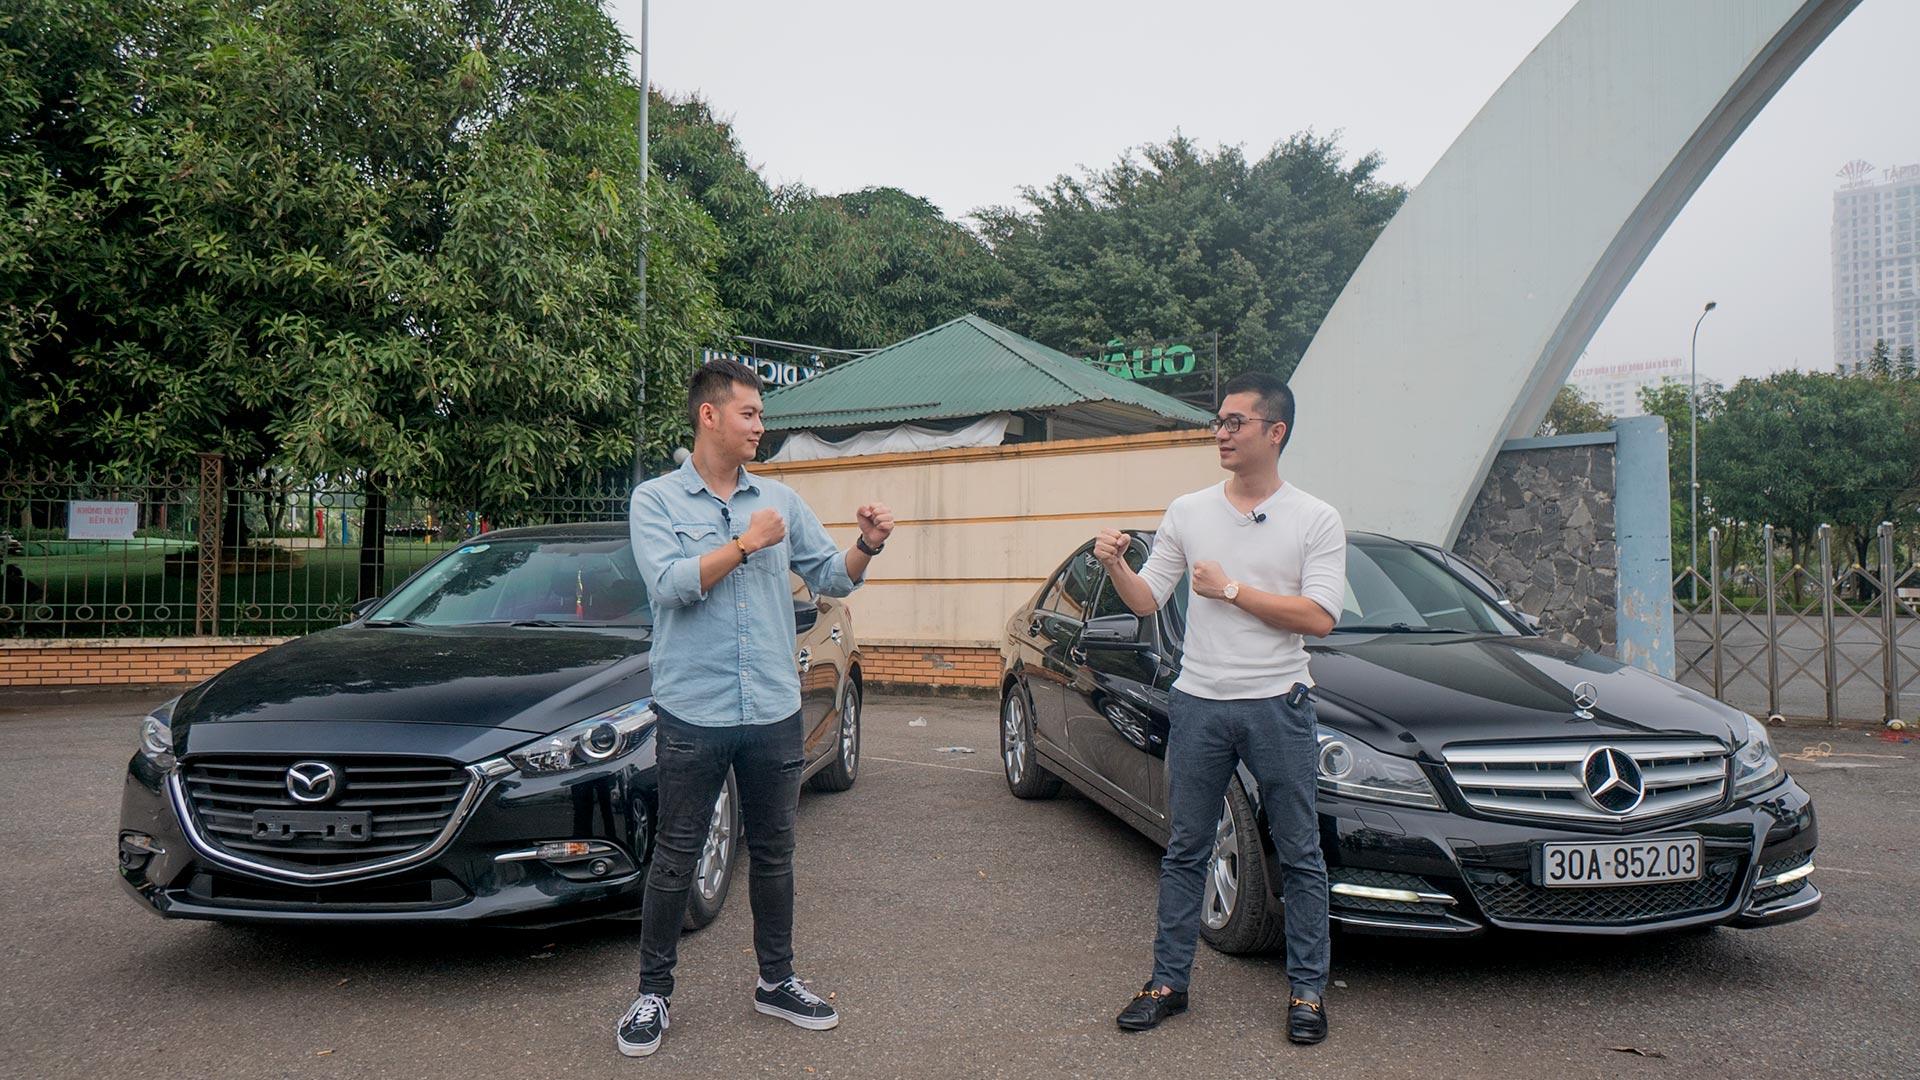 600 triệu chọn Mazda3 hay Mercedes C Class? Mua xe nào cho LÀNH và TIẾT KIỆM?